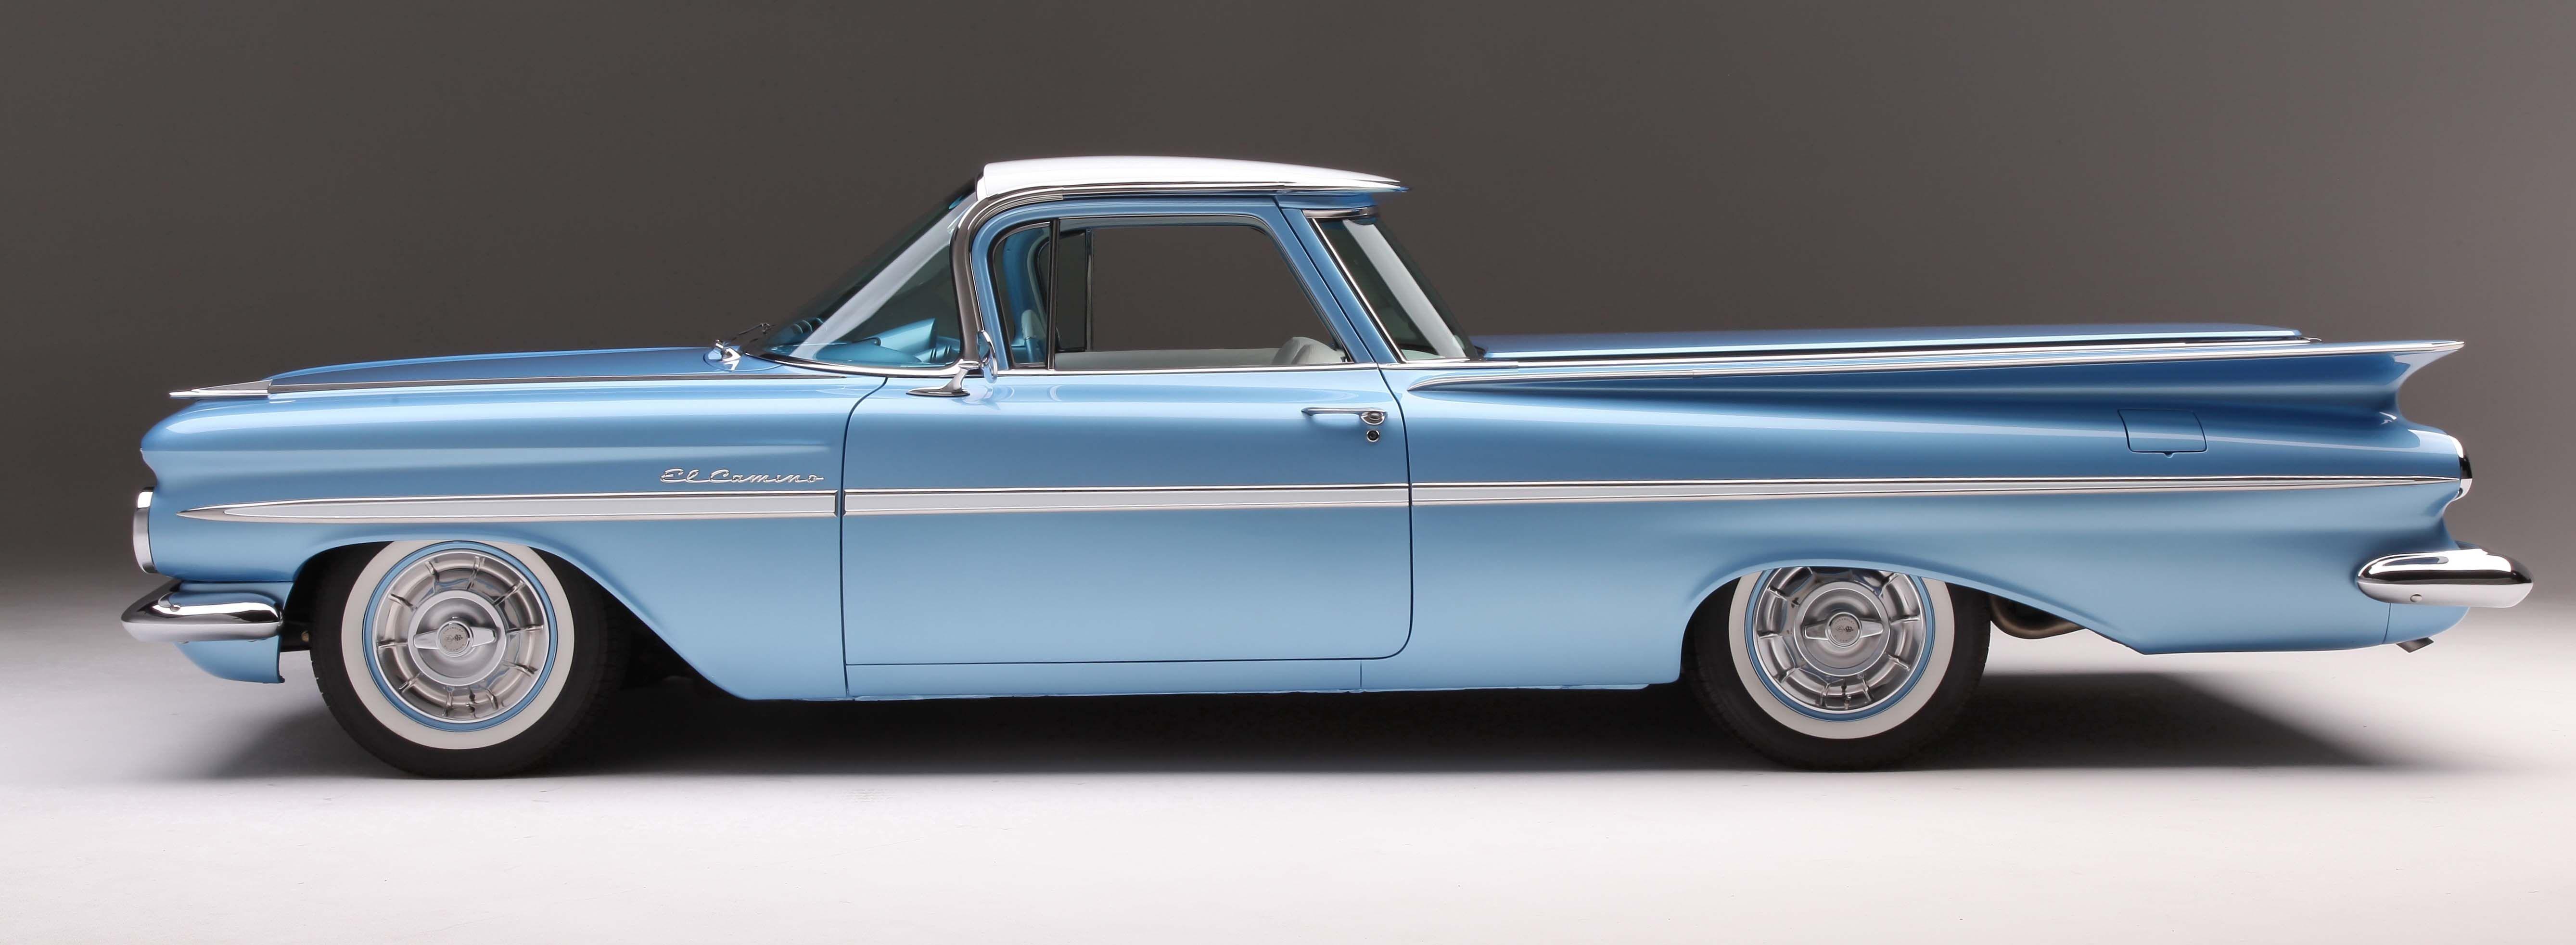 1959 El Camino Is It A Custom Truck Or Custom Car Custom